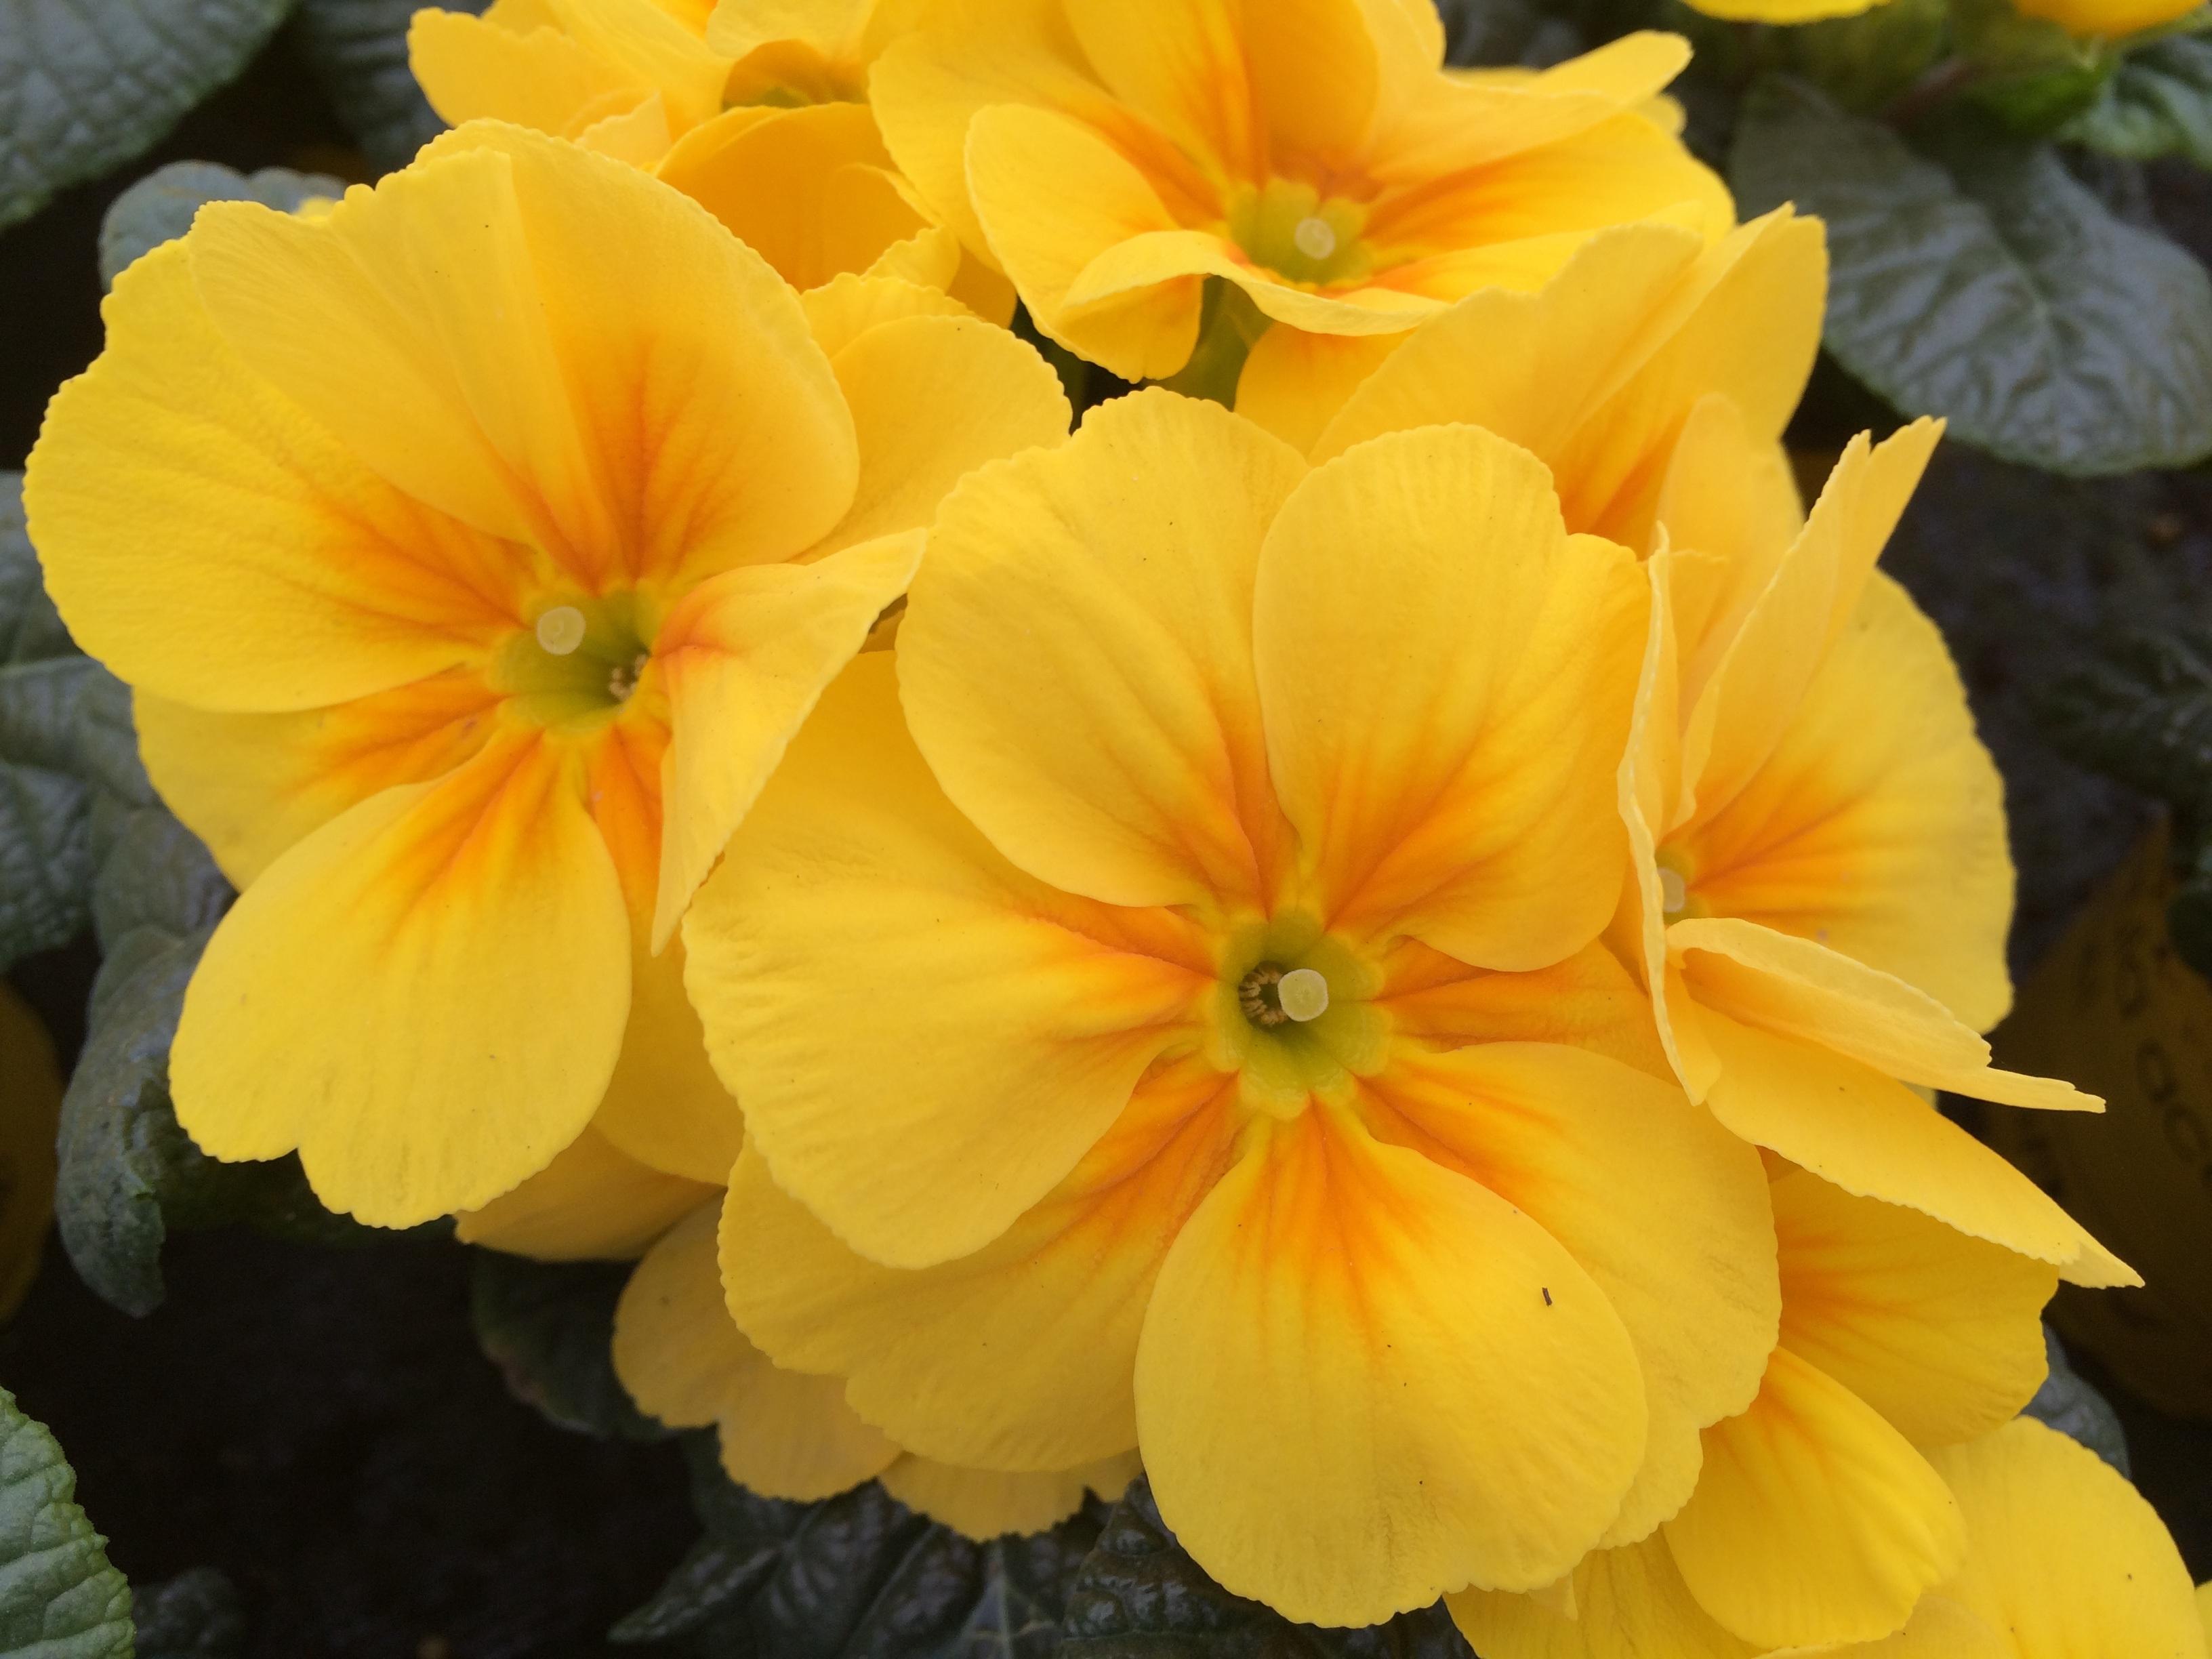 images gratuites p tale floraison printemps jardin flore fleur jaune primev re narcisse. Black Bedroom Furniture Sets. Home Design Ideas